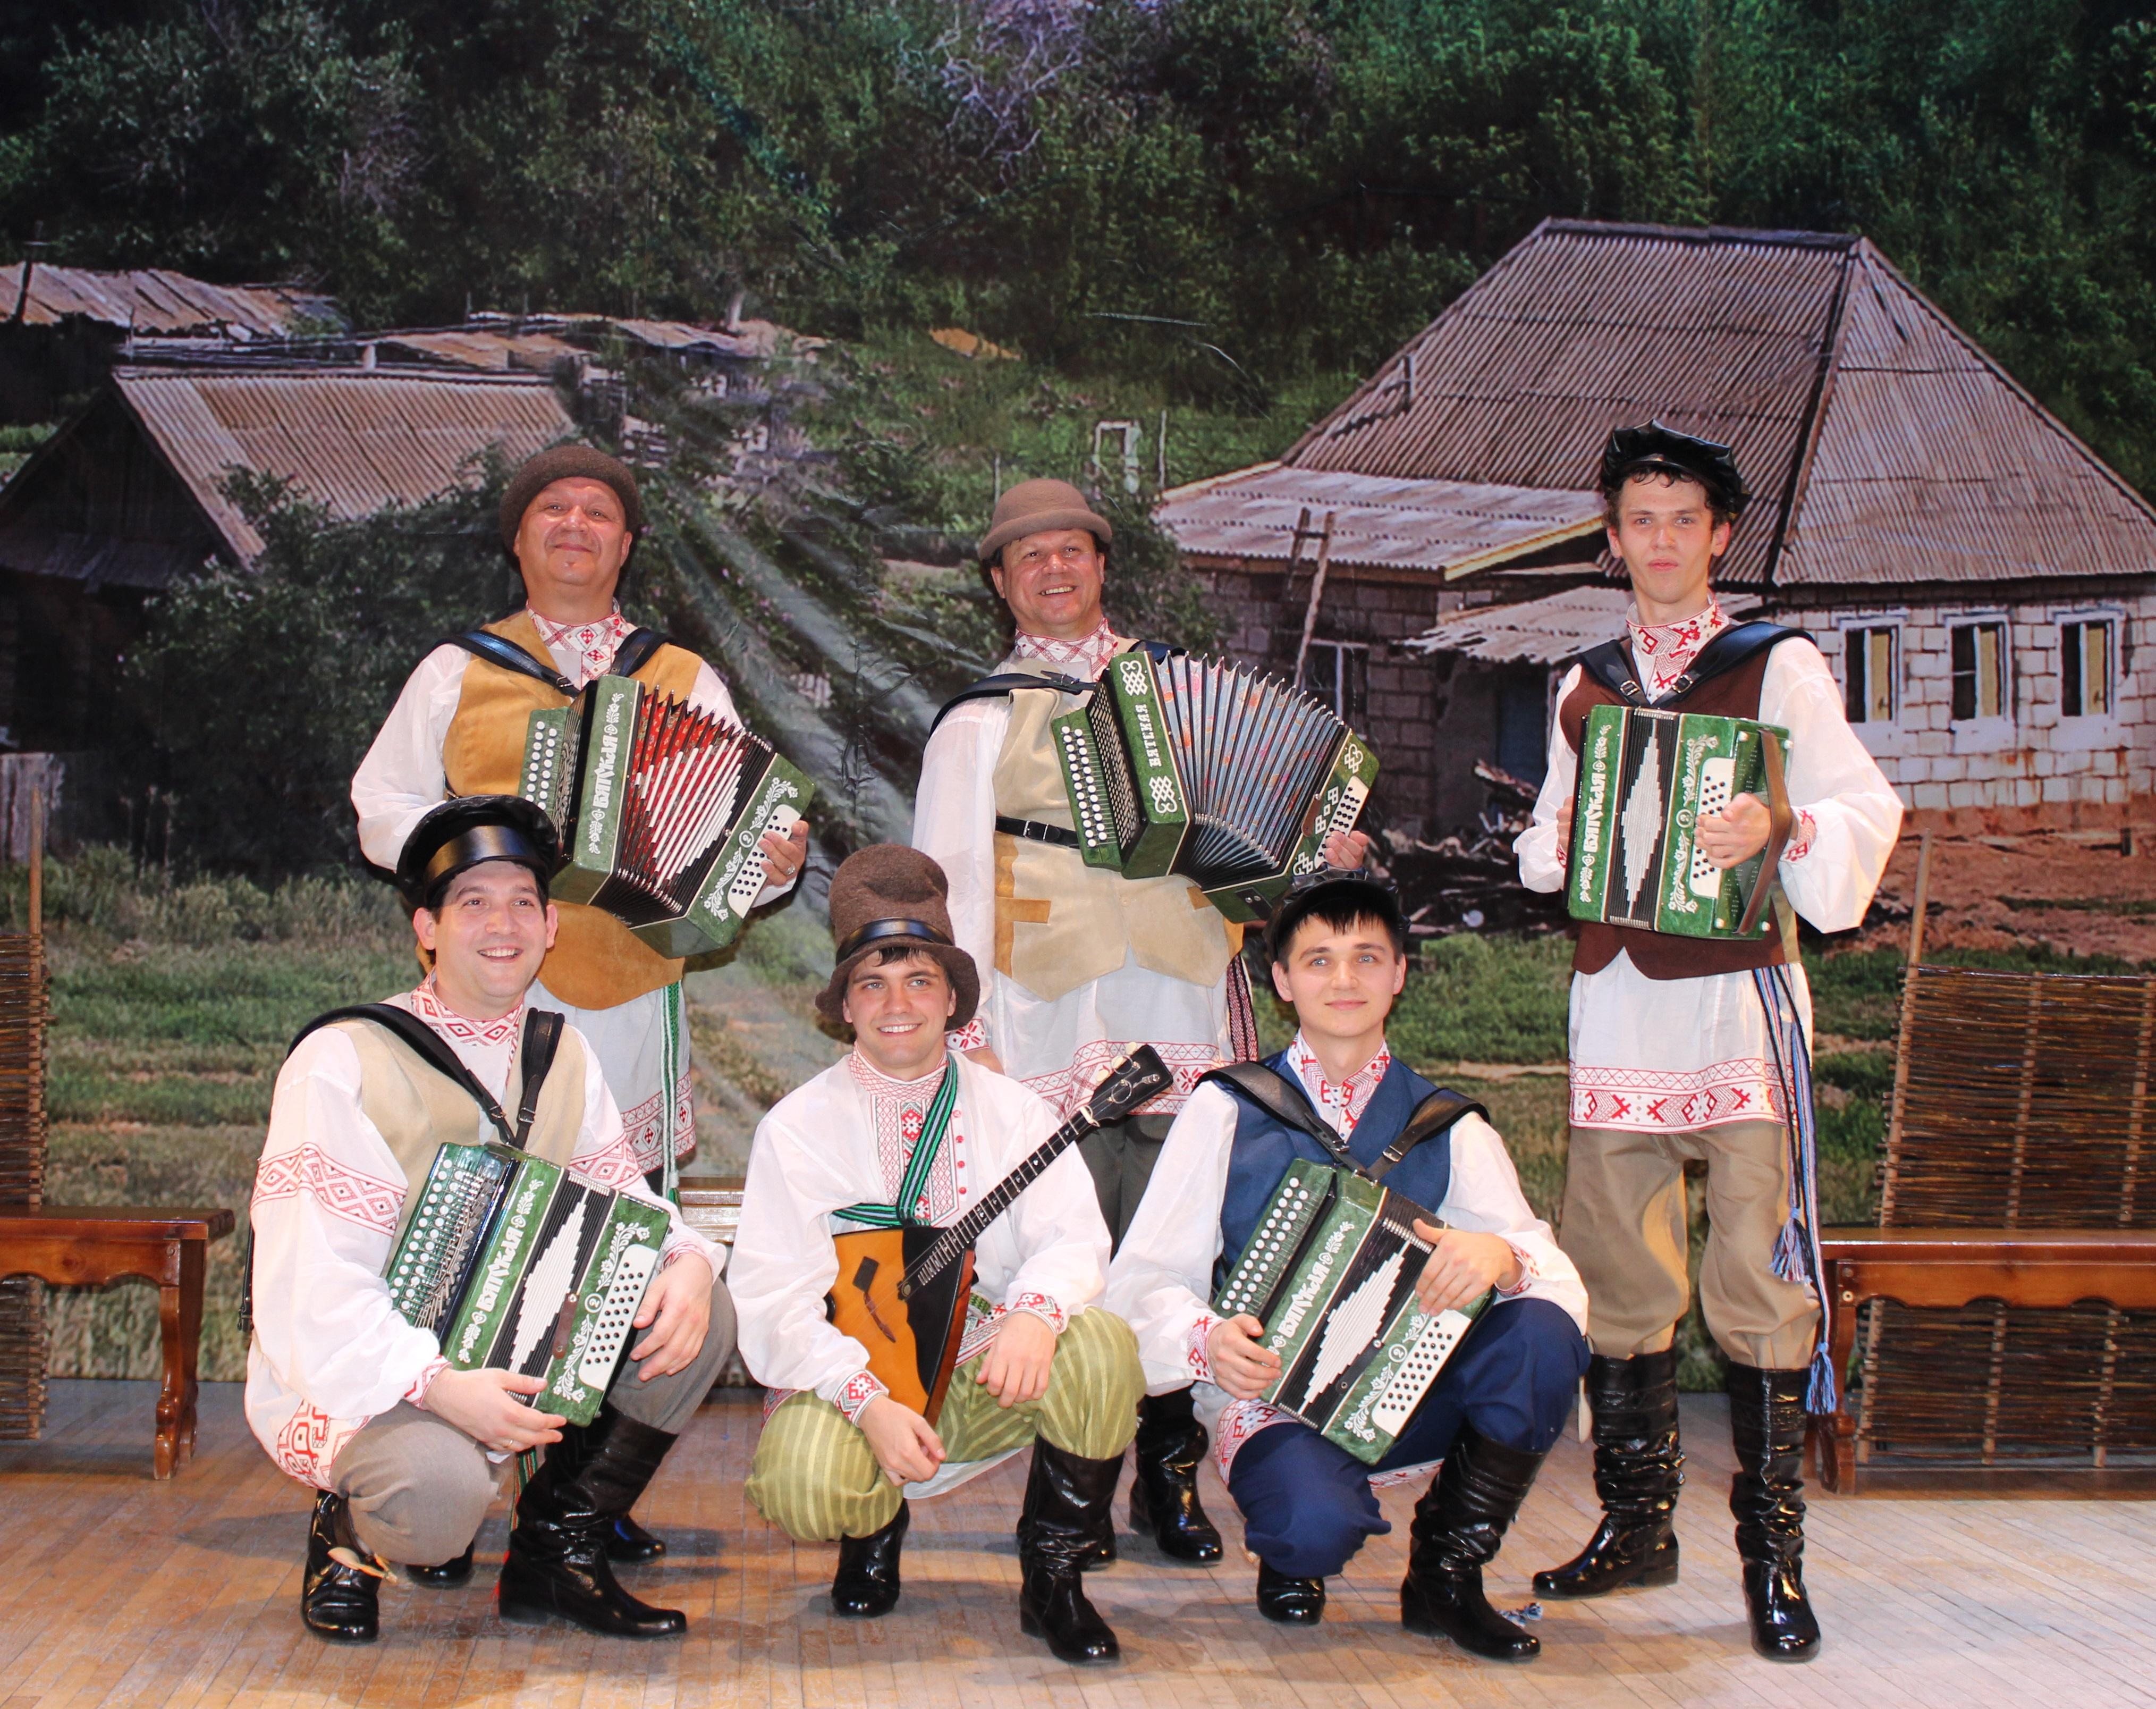 Ансамбль «Русский строй» примет участие в съемках передачи  «Играй, гармонь»